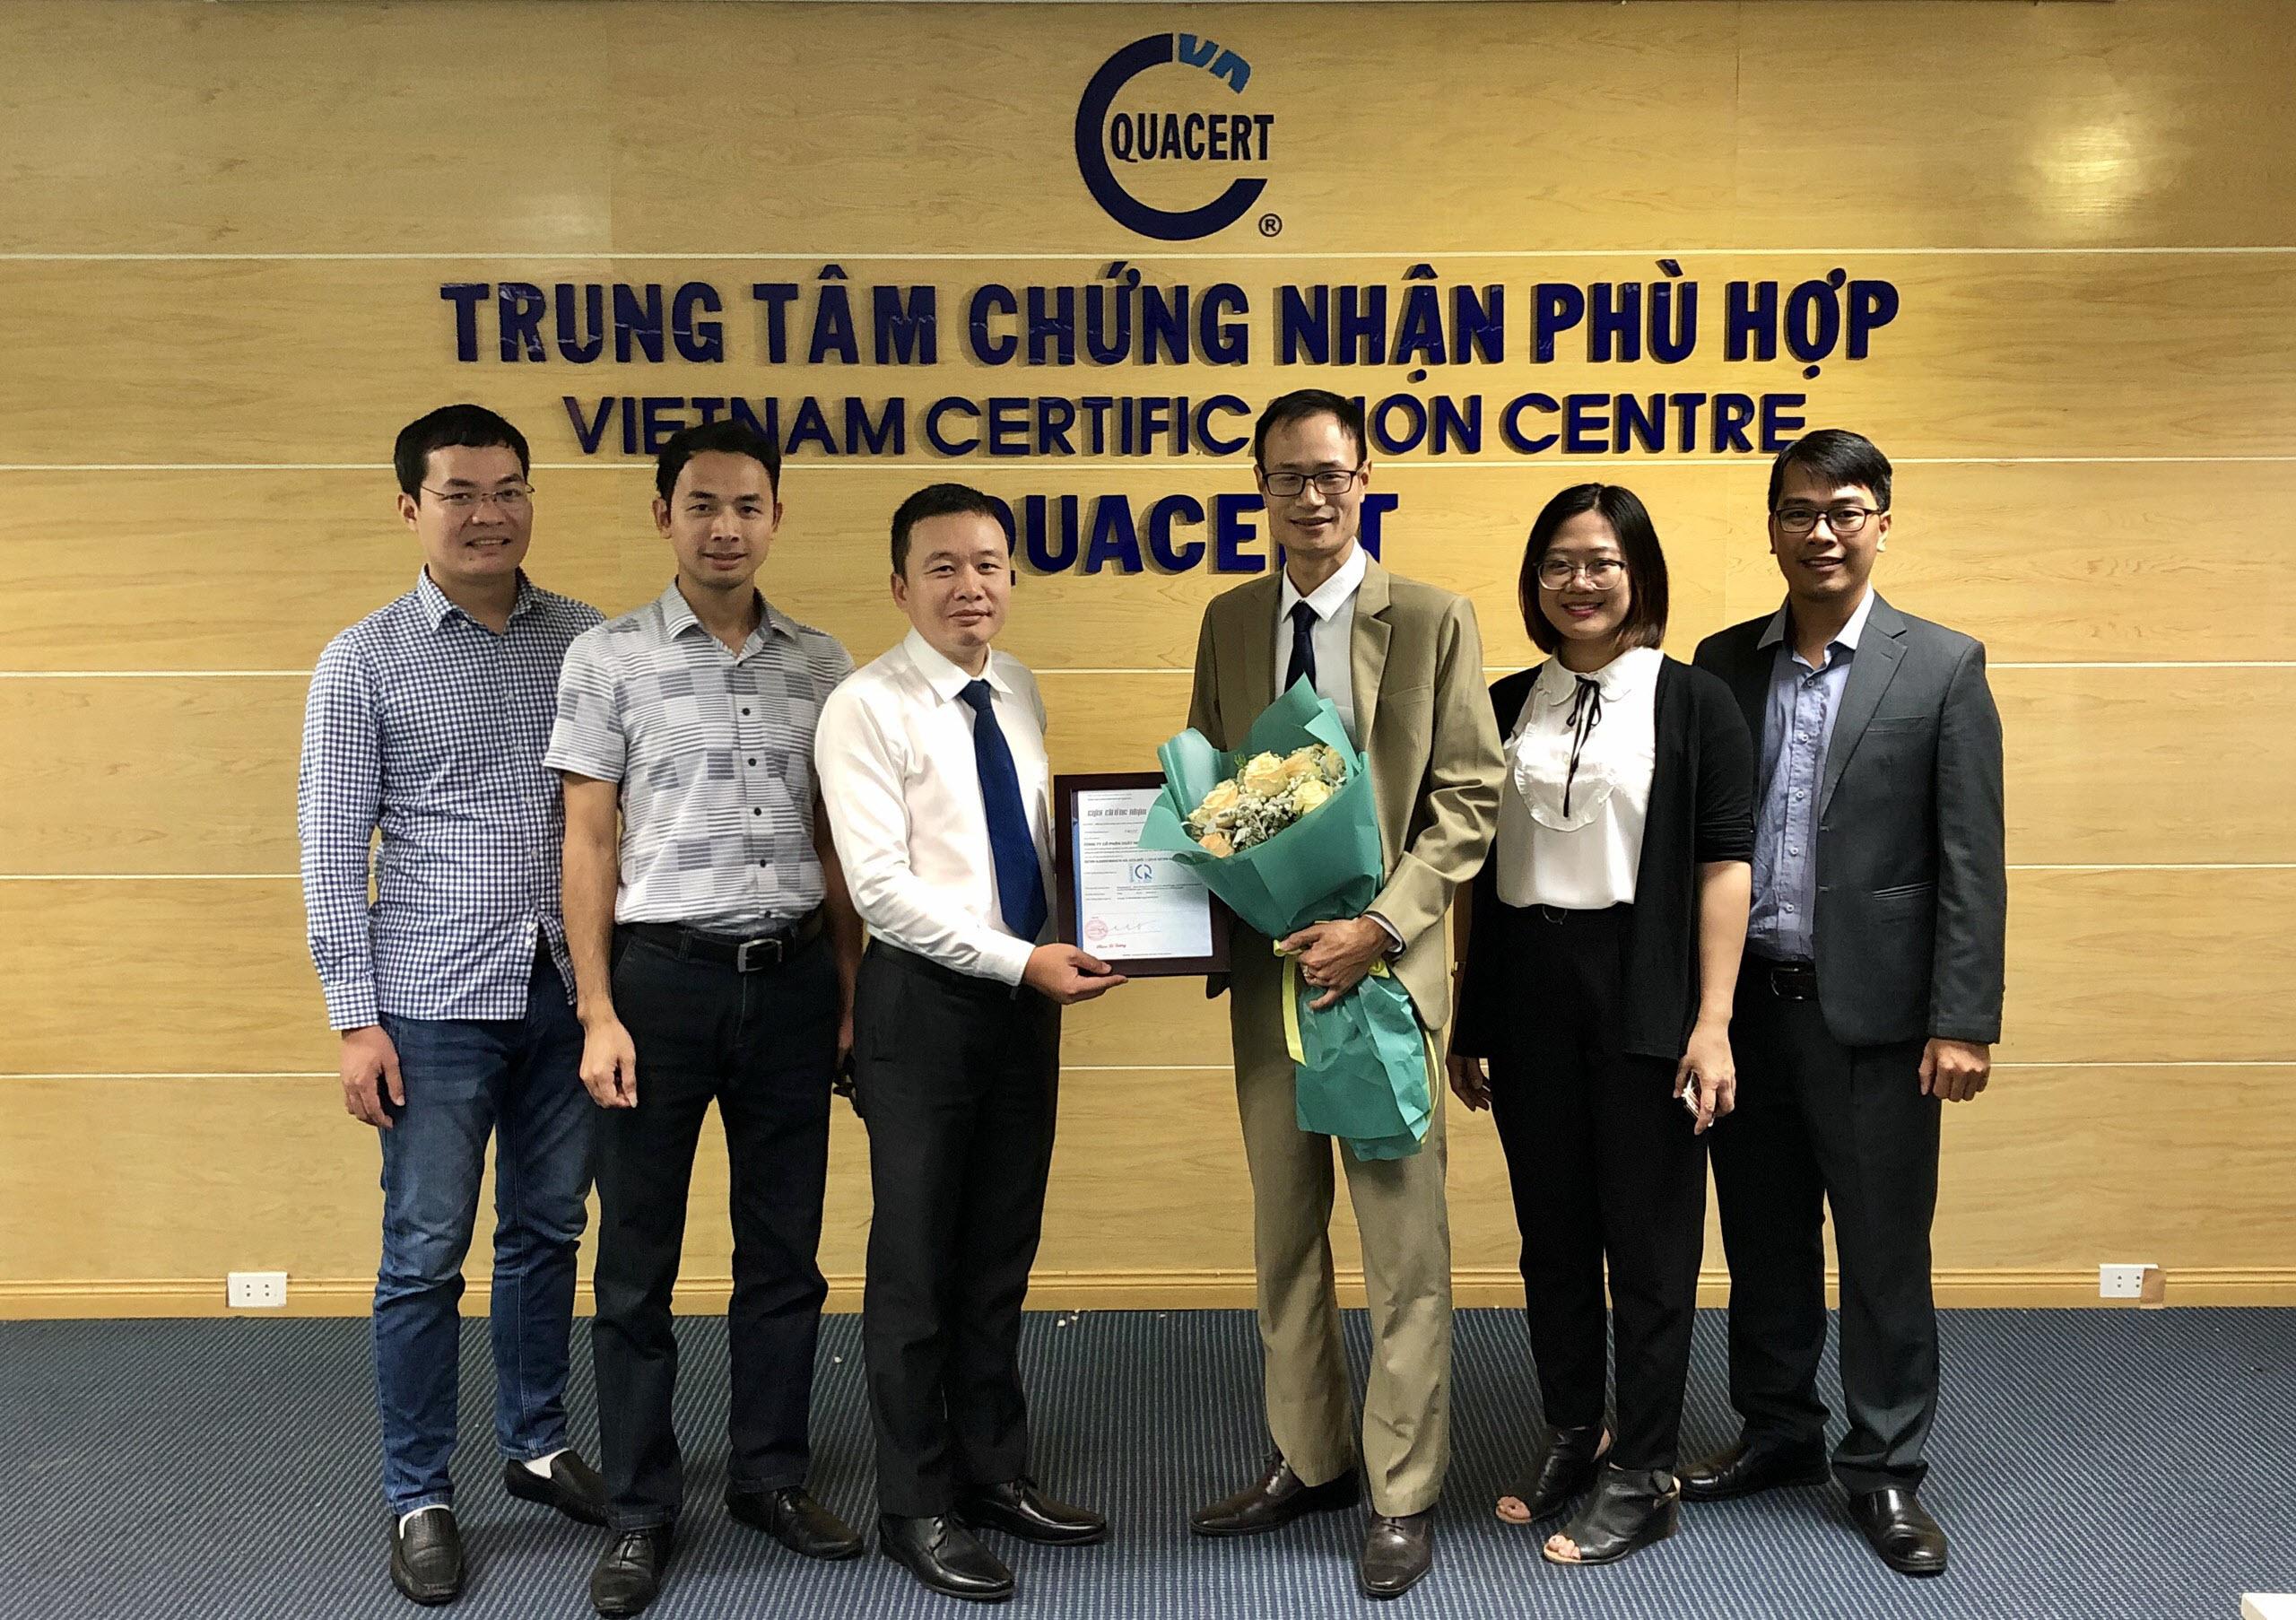 he-thong-loc-nuoc-cho-phong-kham-nha-khoa